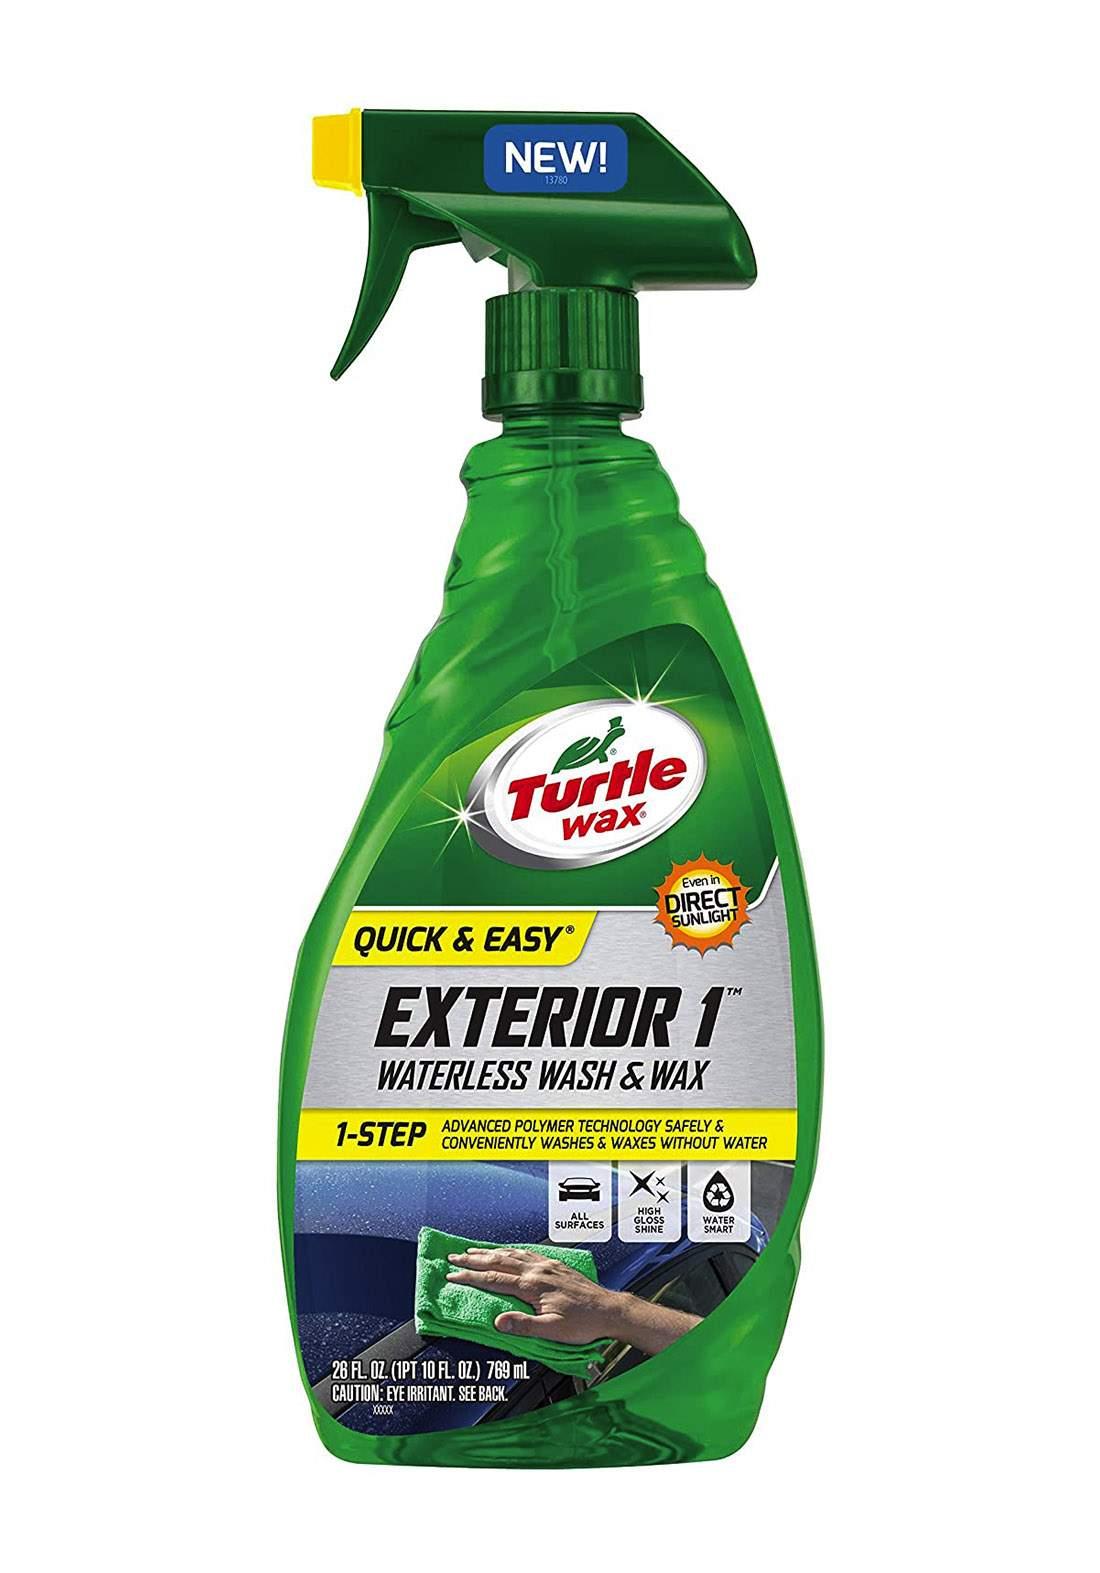 Turtle wax Exterior 1 Waterless Wash & Wax 769 ml ملمع وشمع سيراميك للسيارة